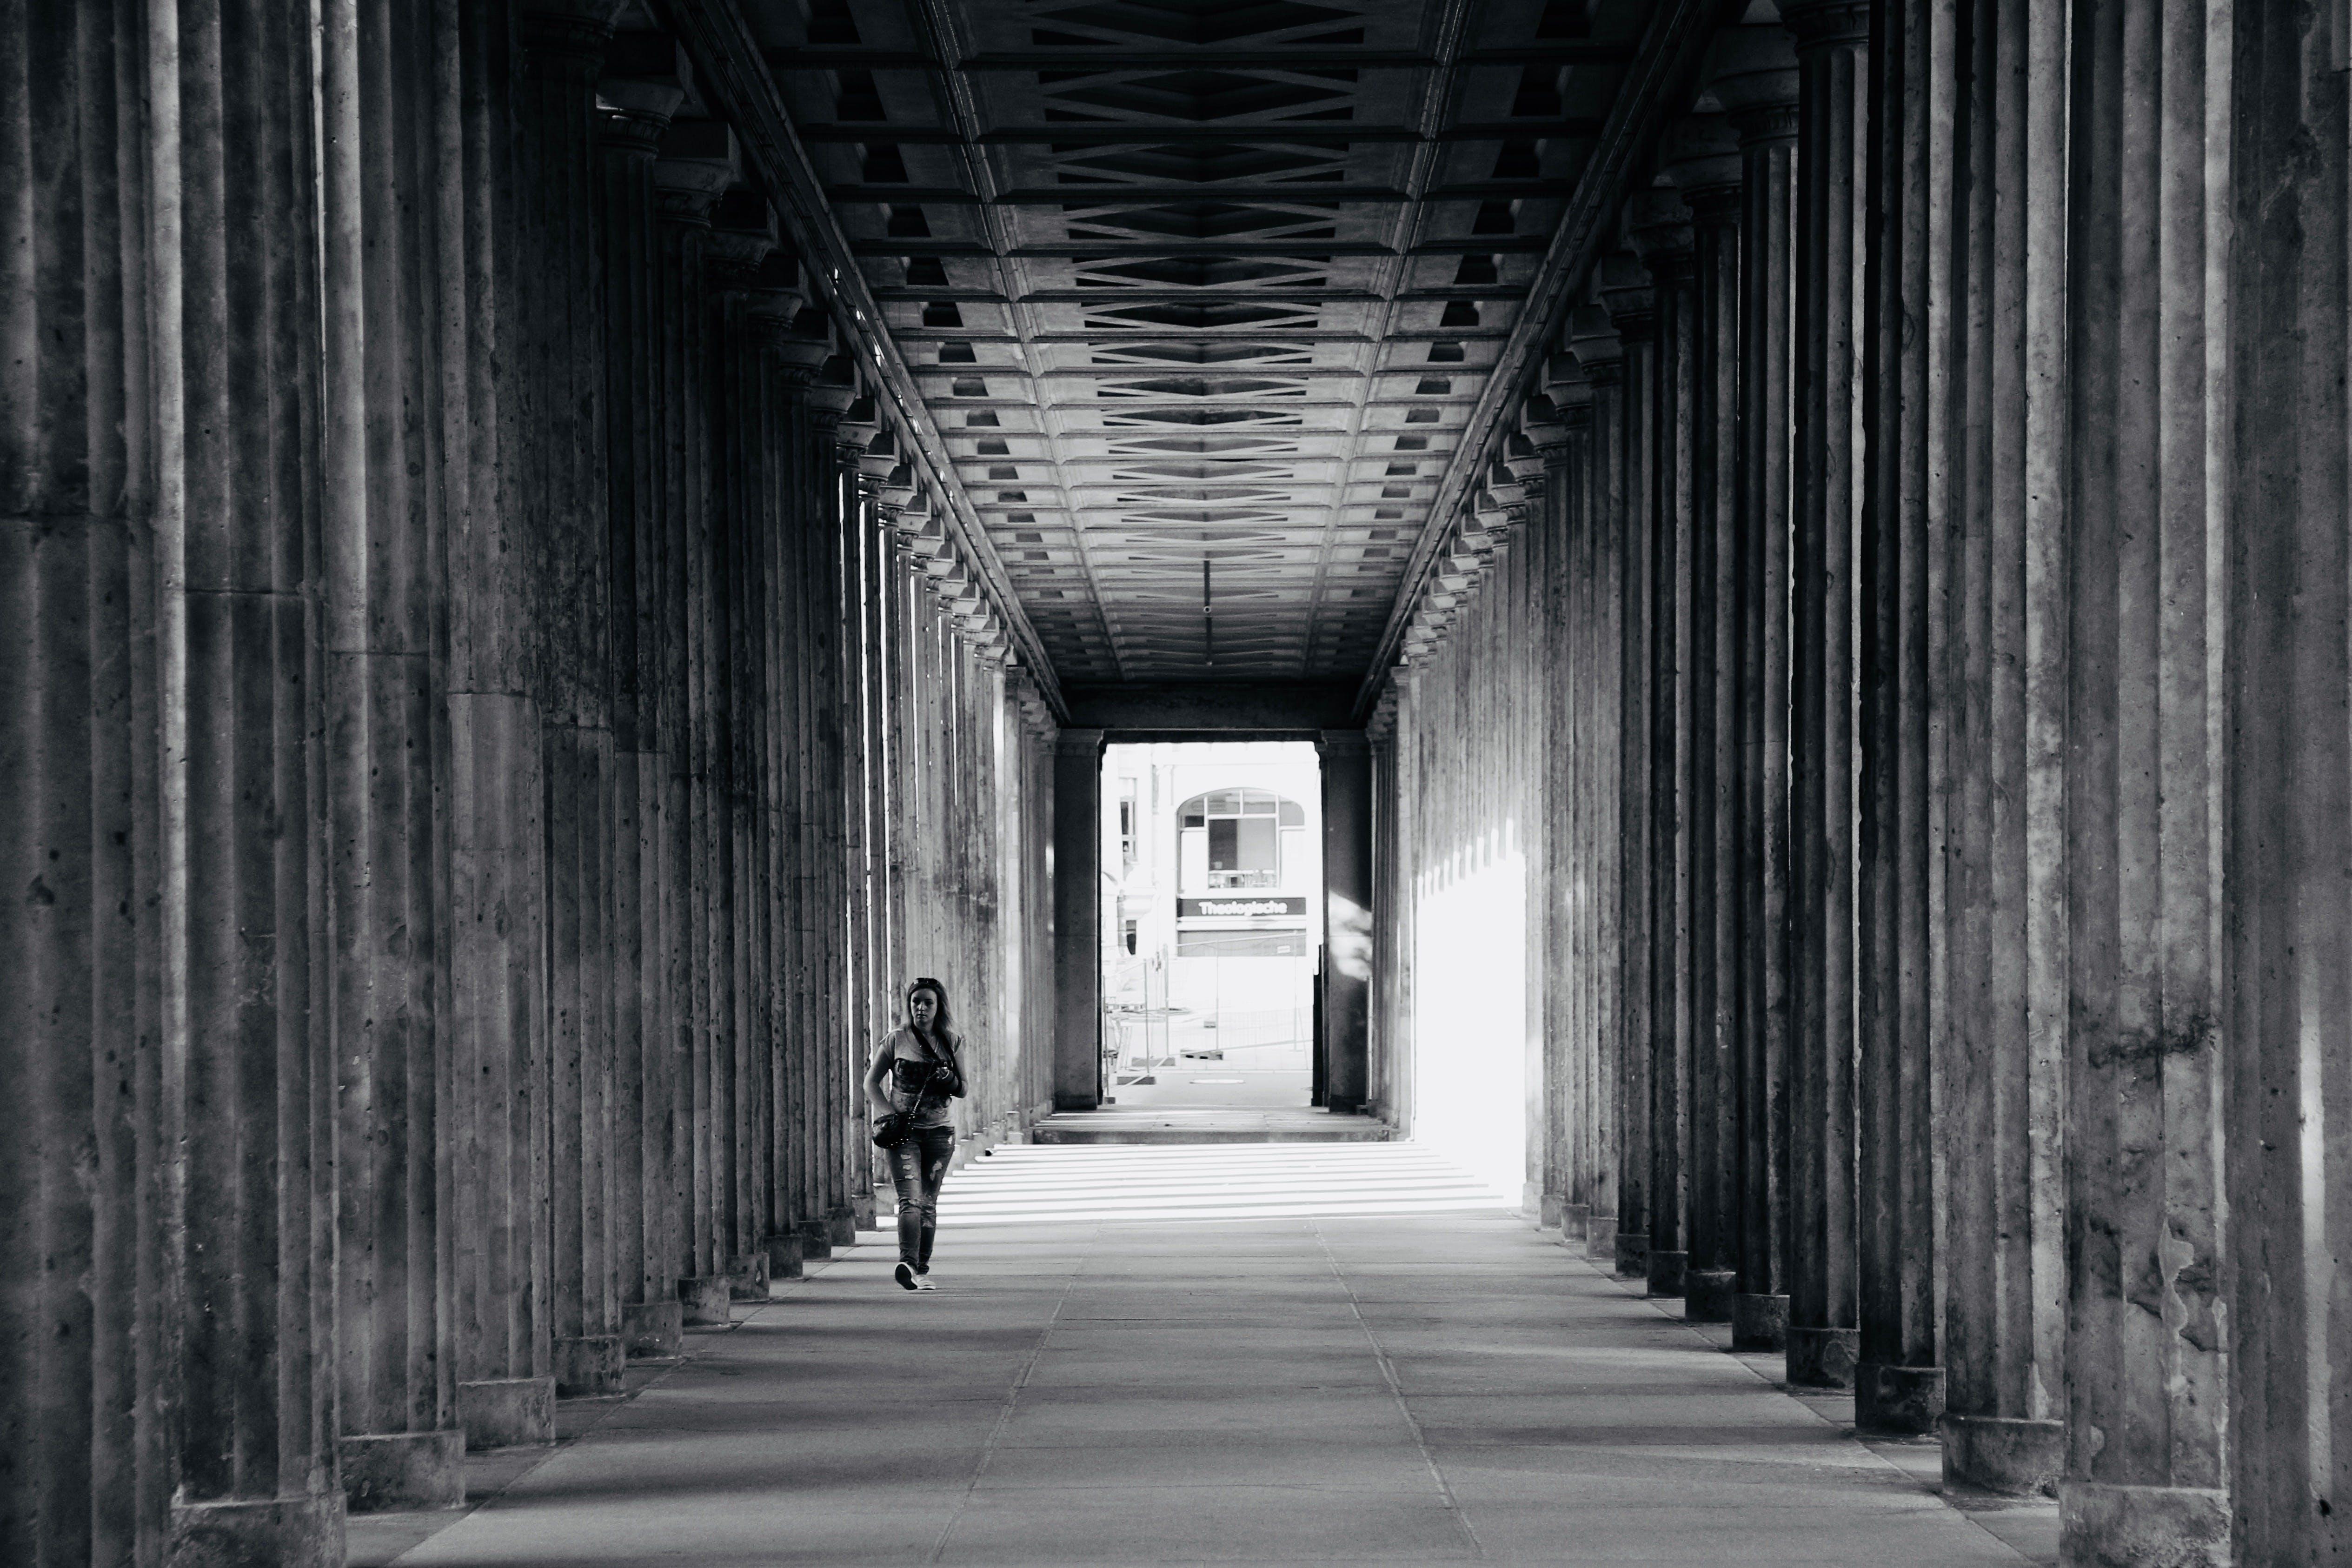 Δωρεάν στοκ φωτογραφιών με άνθρωπος, αρχιτεκτονική, ασπρόμαυρο, αστικός